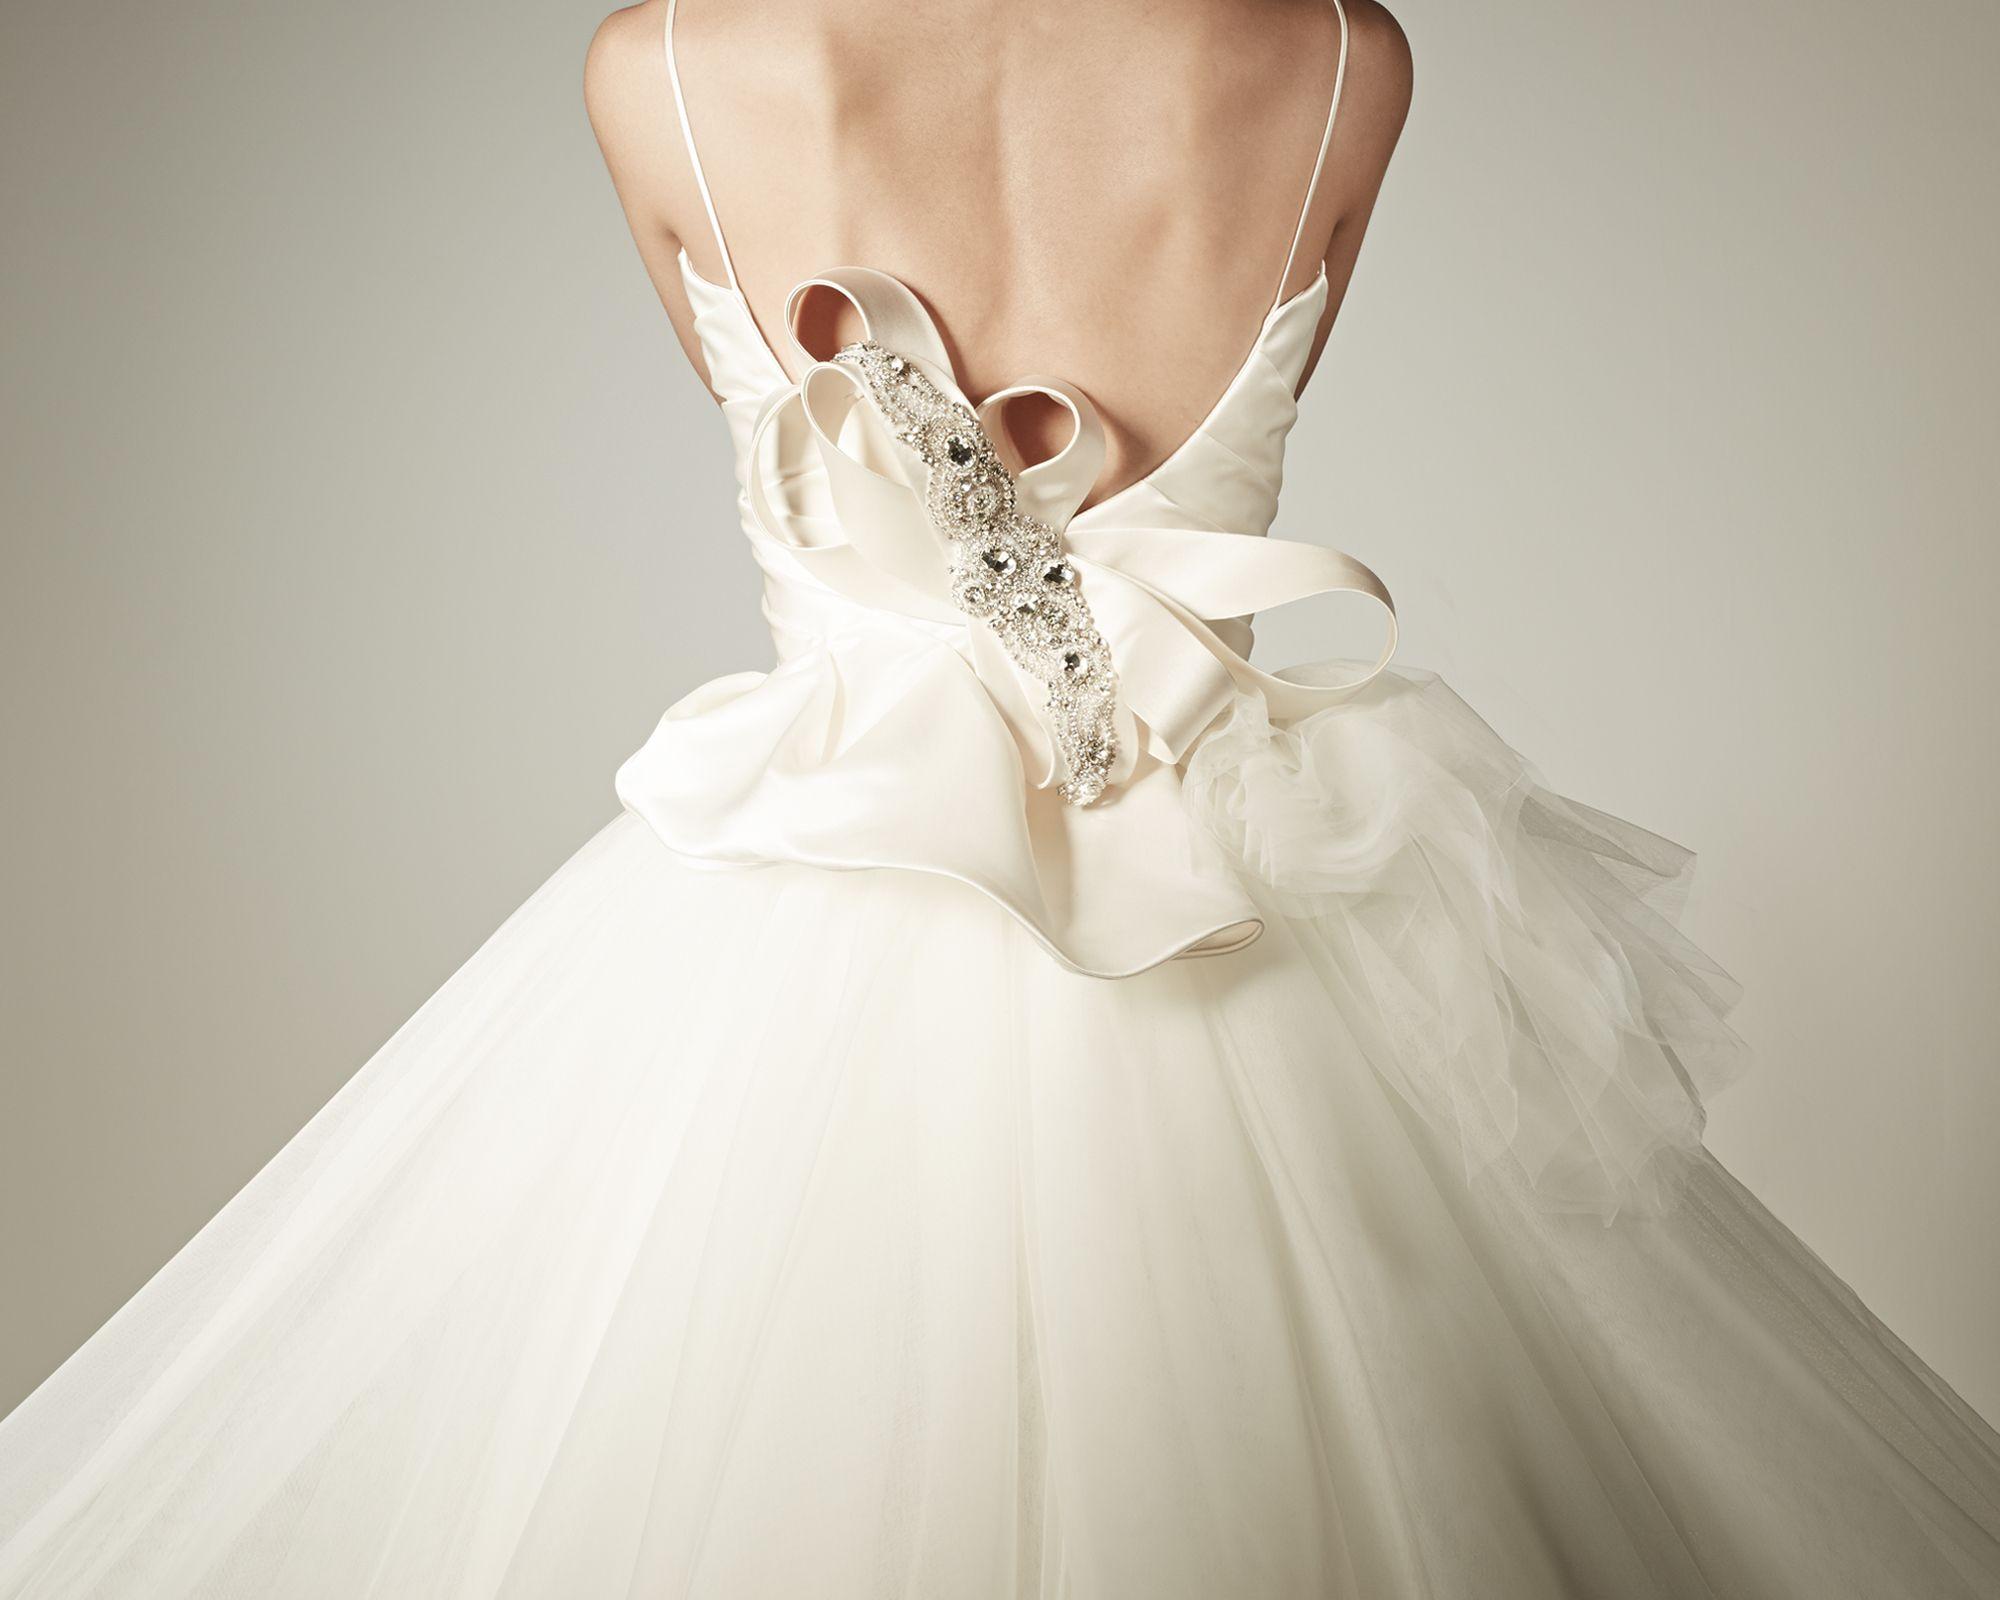 COLOURED WHITE(カラードホワイト)は、東京・白金プラチナ通りにある、オーダーメイドウェディングドレス、カラードレスのアトリエです。